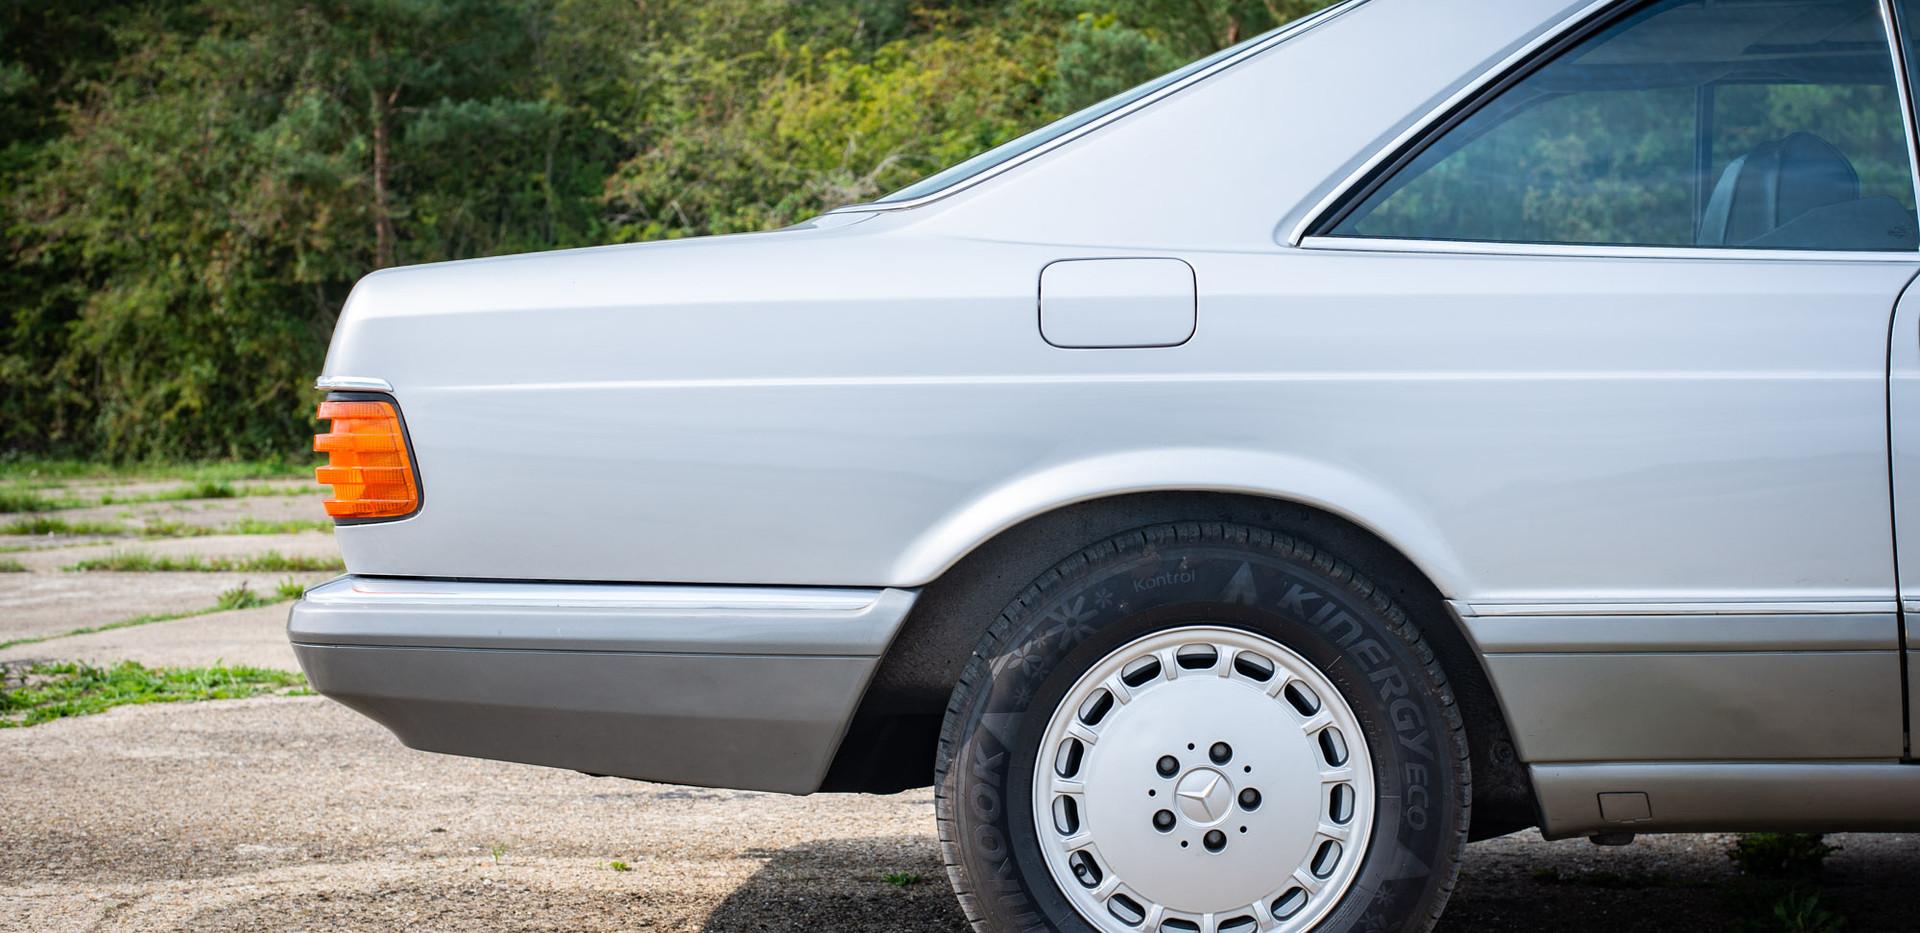 W126 420SEC - Uk for sale london-10.jpg